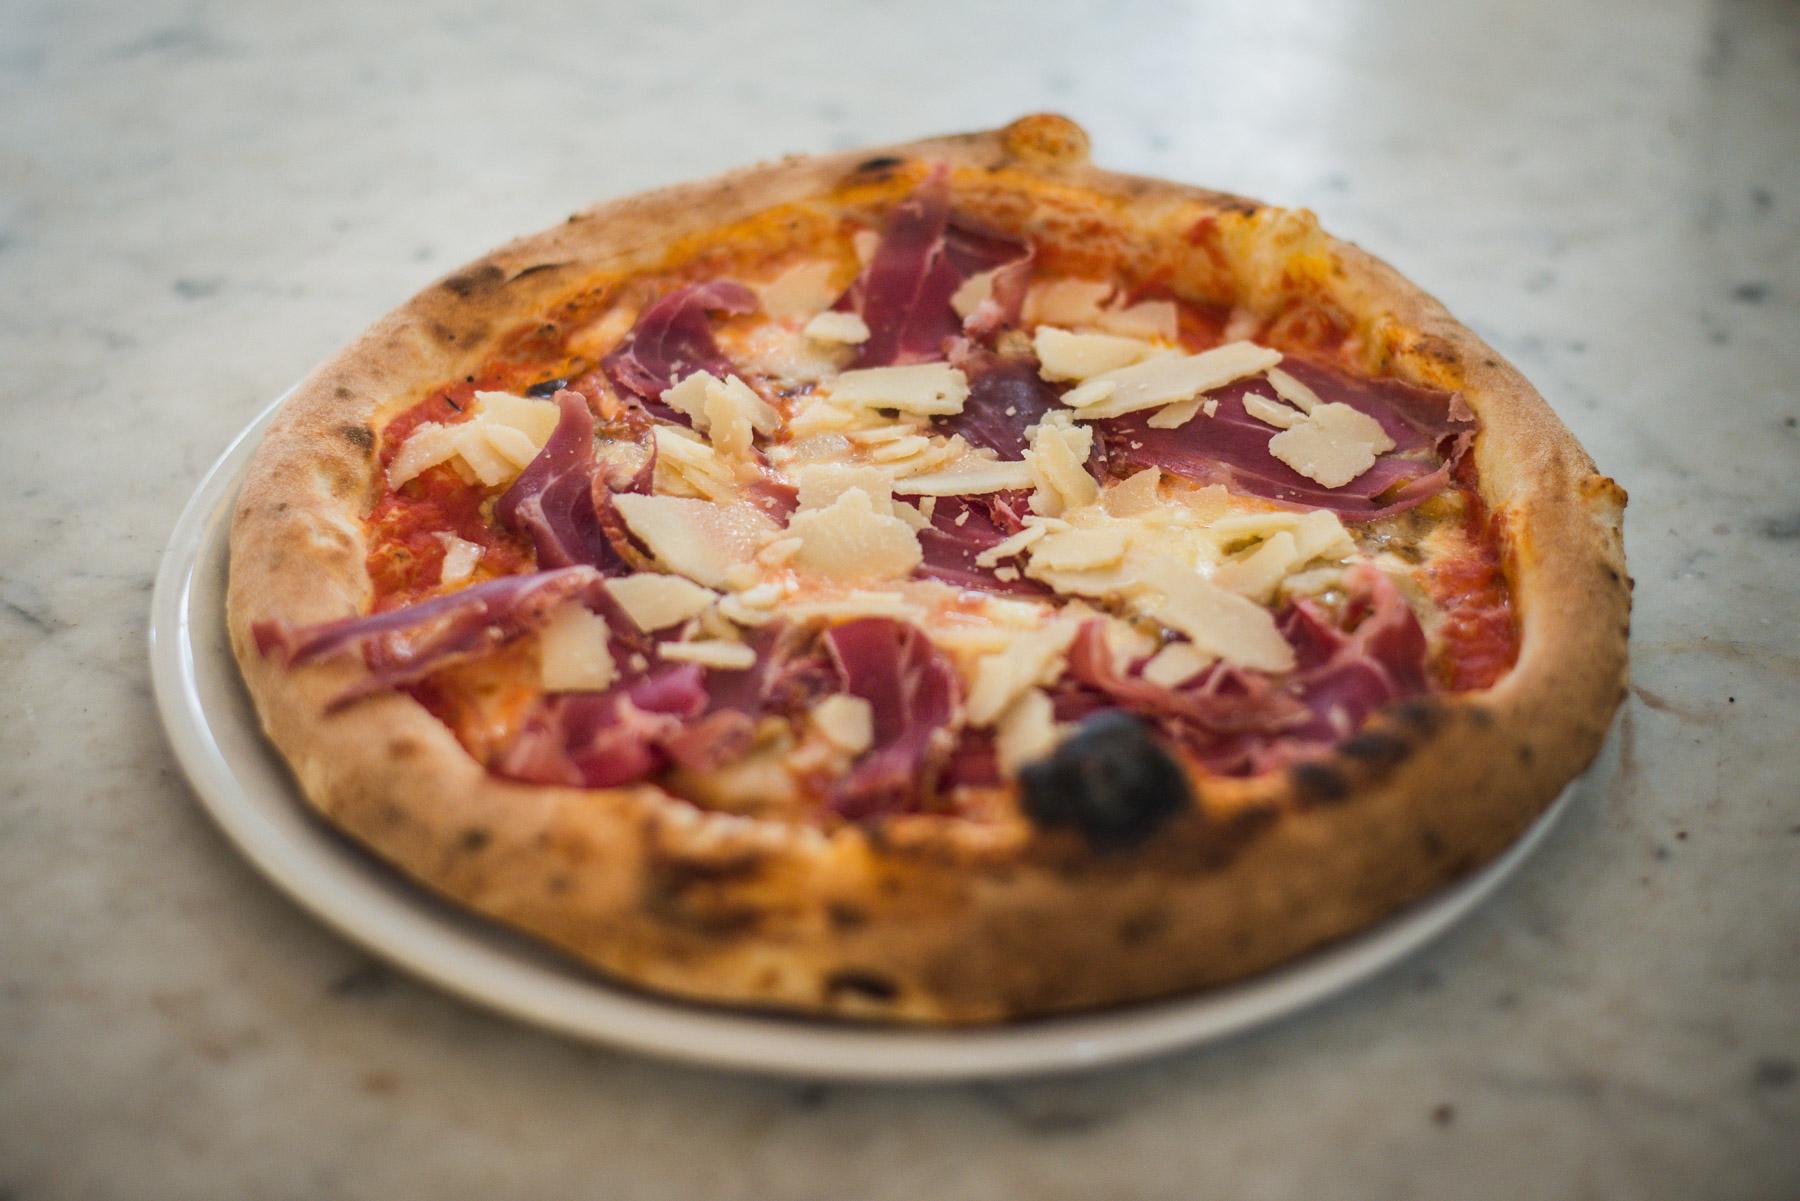 pizzeria napoletana la vecchia senese livorno